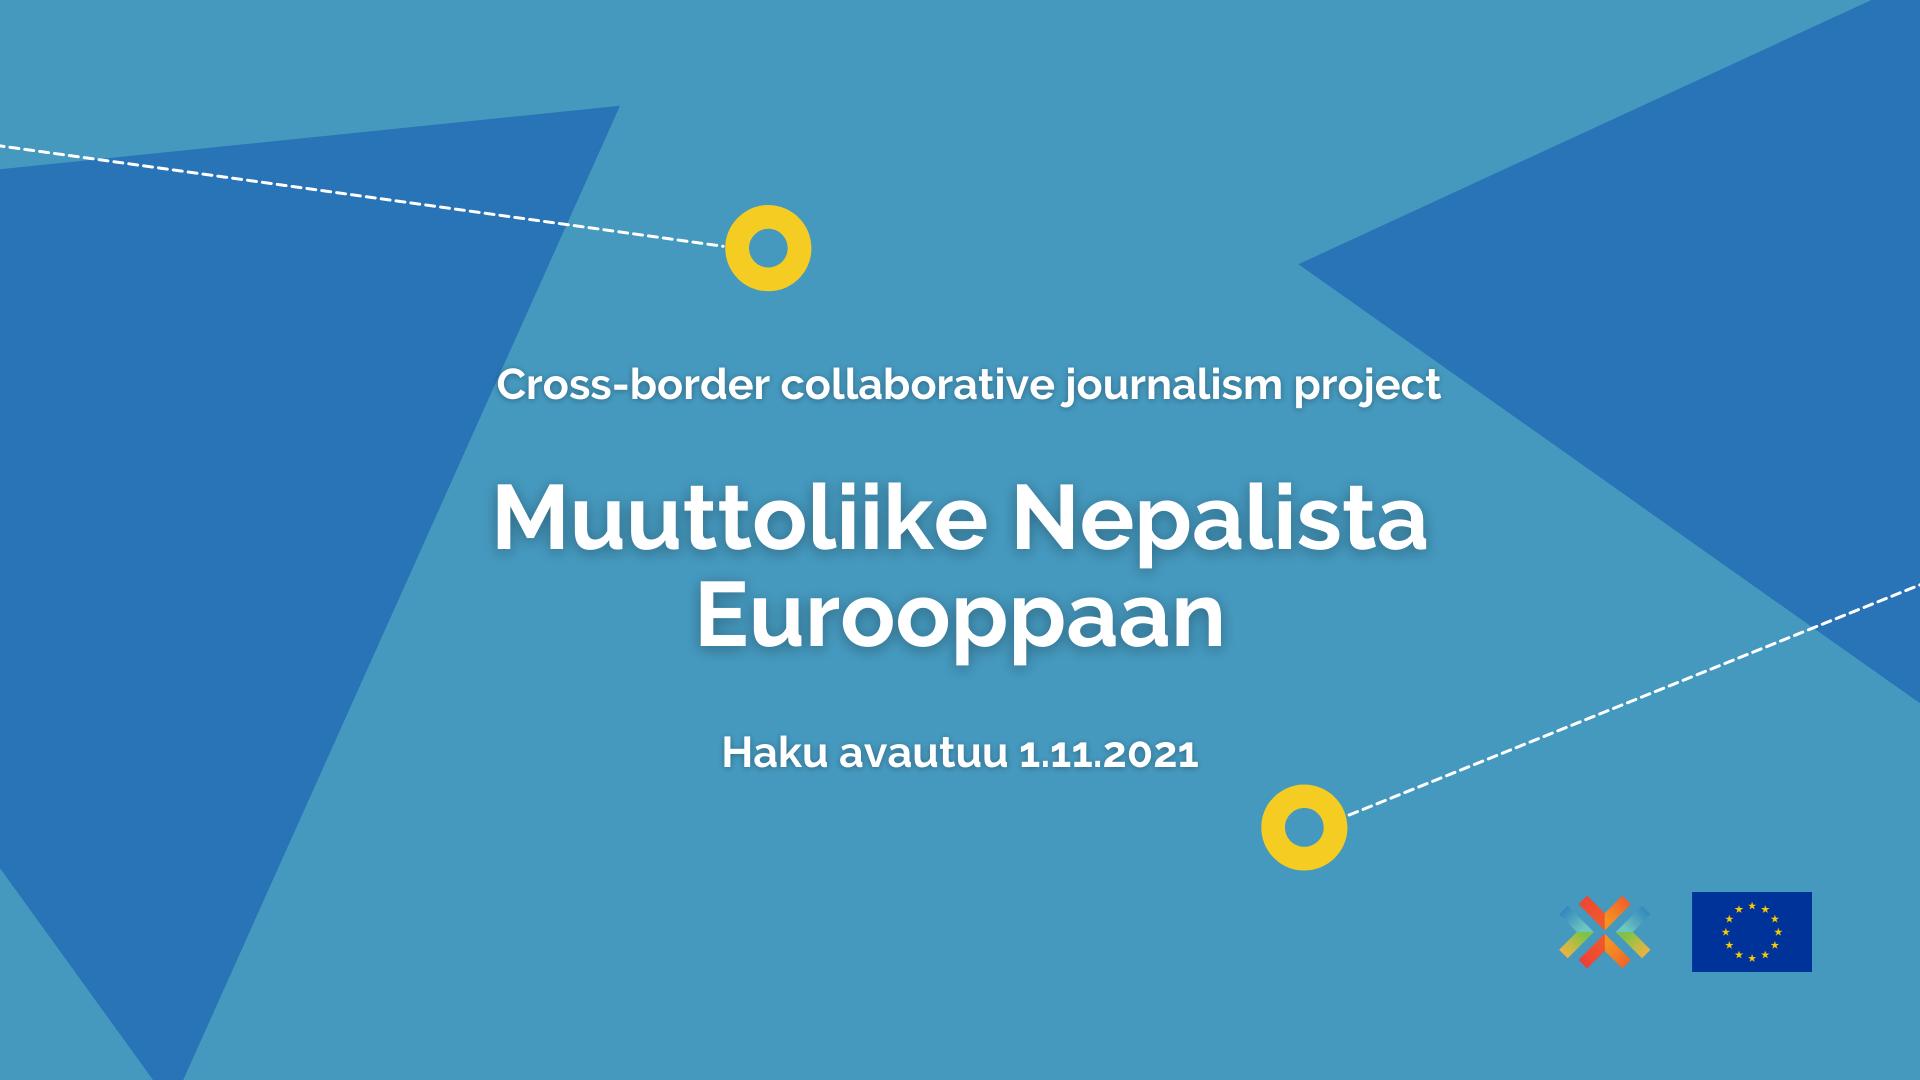 Mainoskuva: Muuttoliike Nepalista Eurooppaan